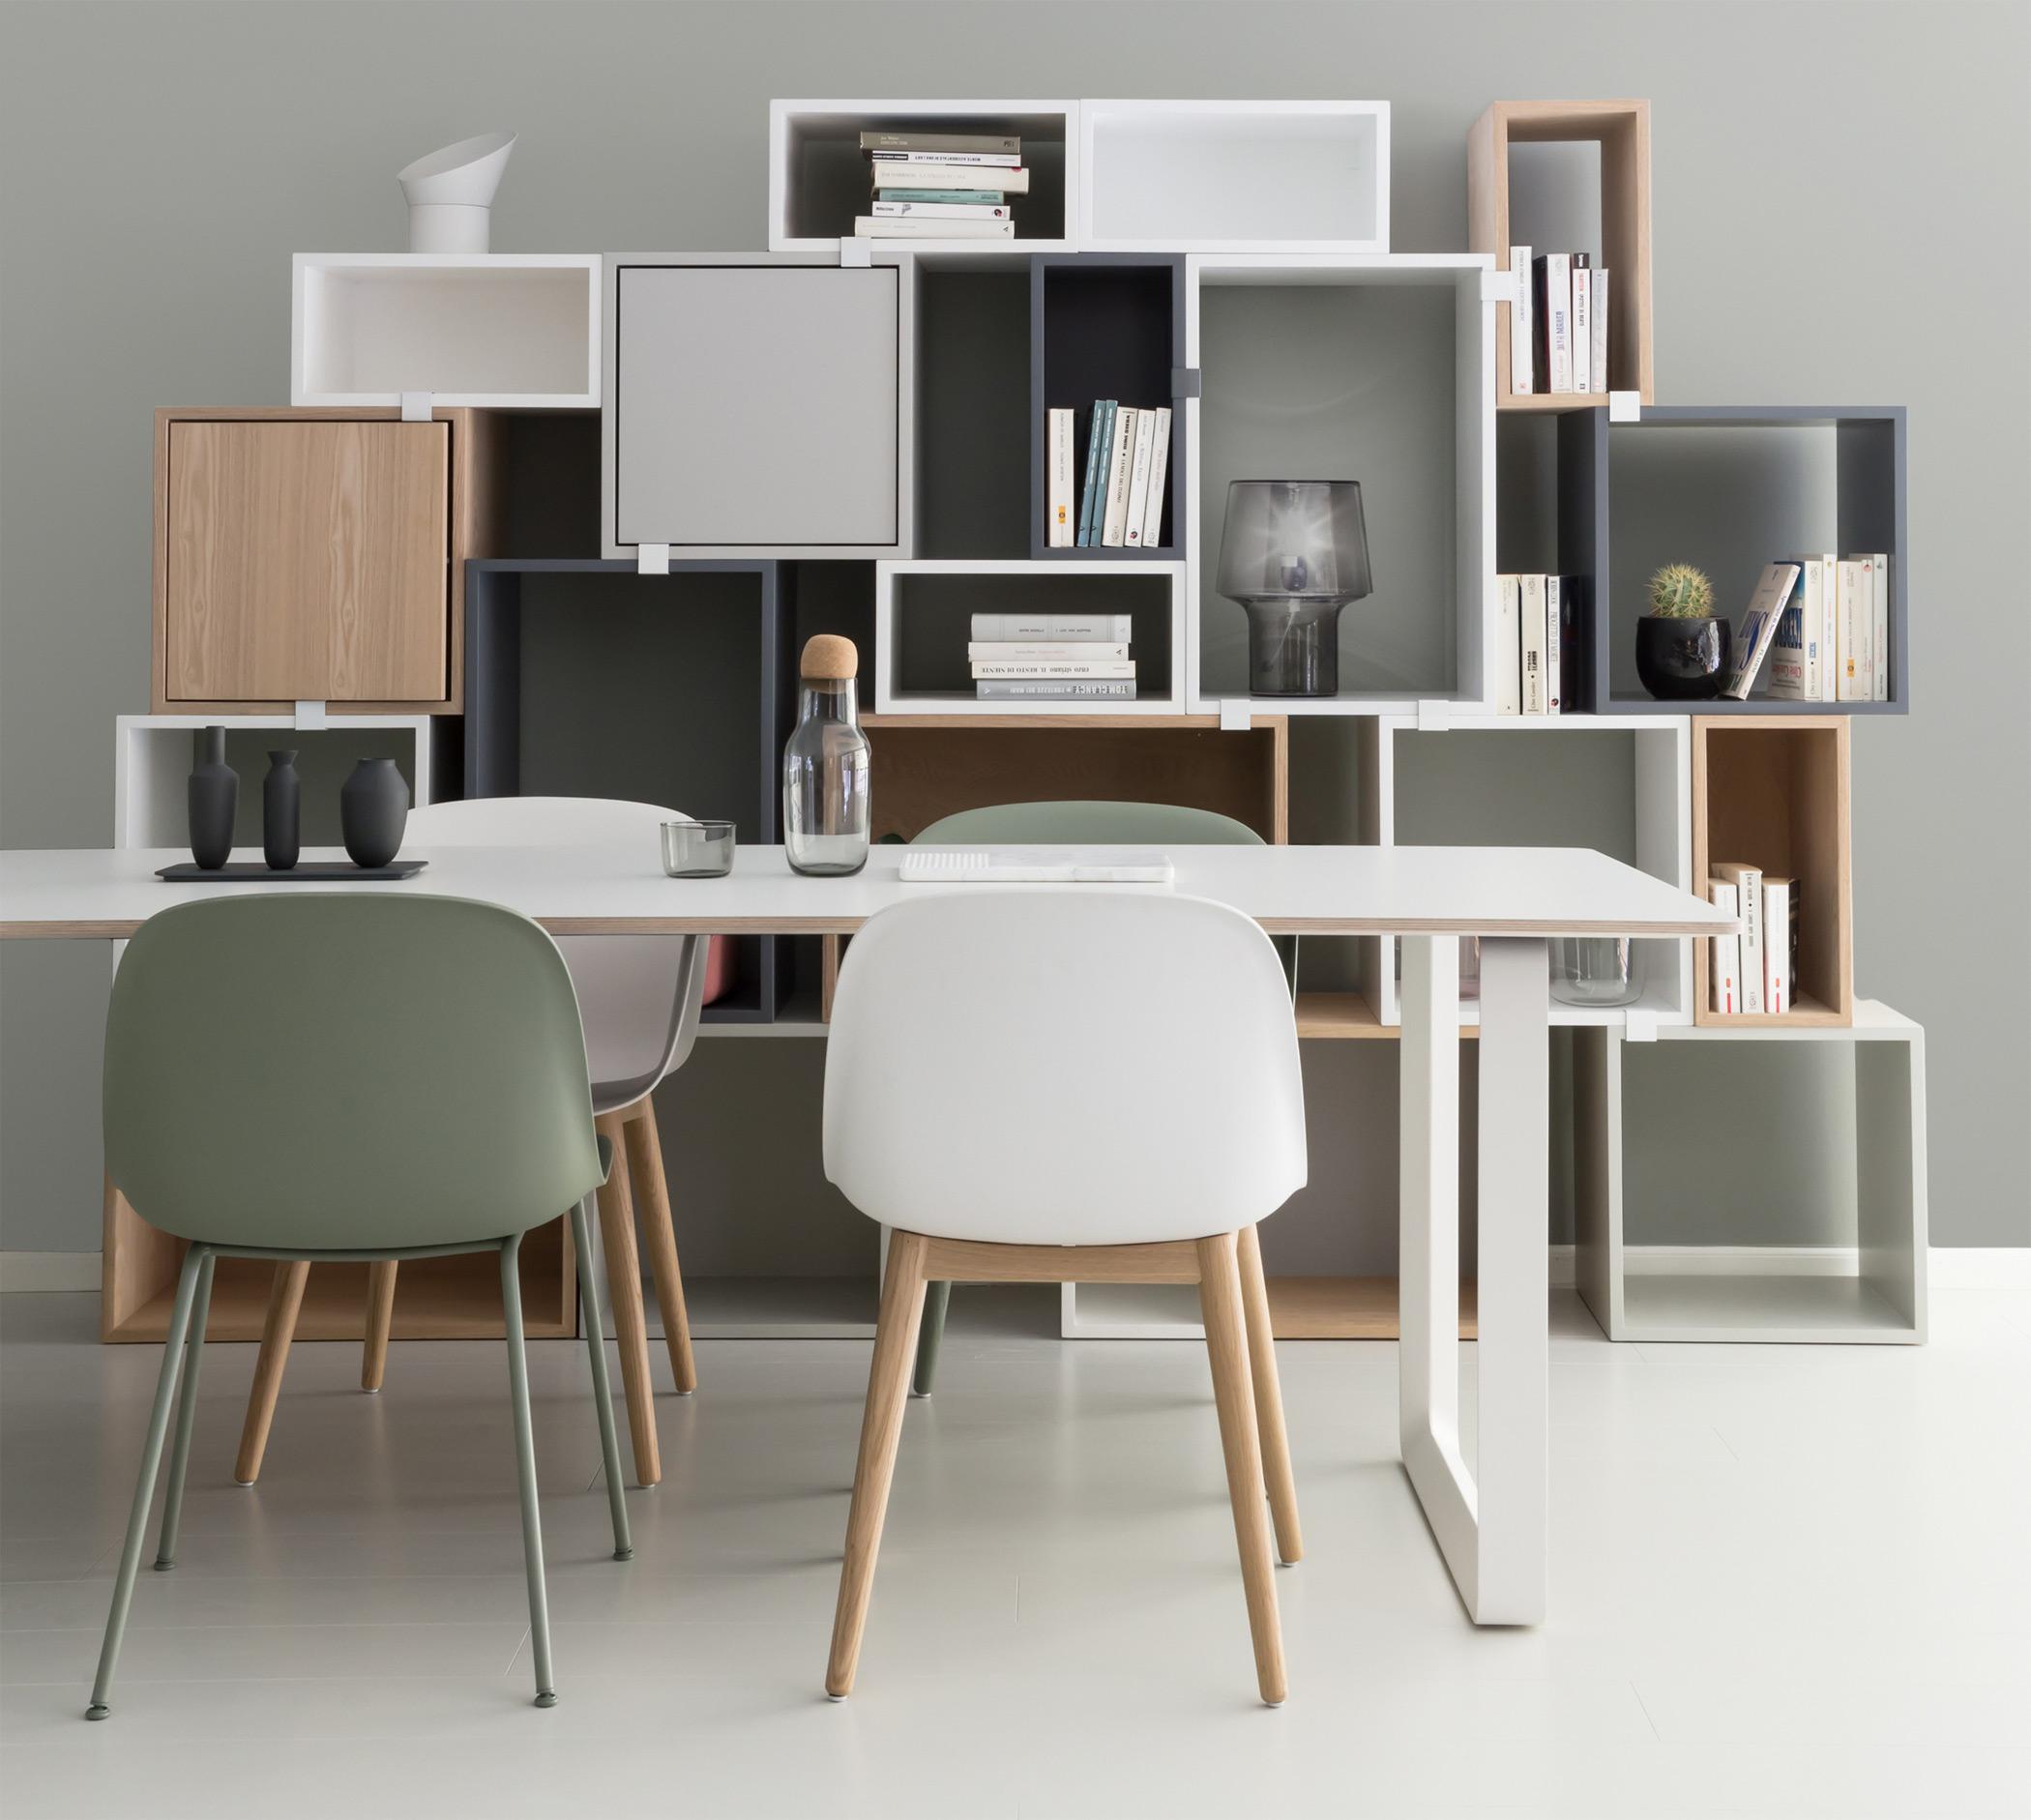 Muuto a milano si dice design republic livingcorriere for Design republic milano